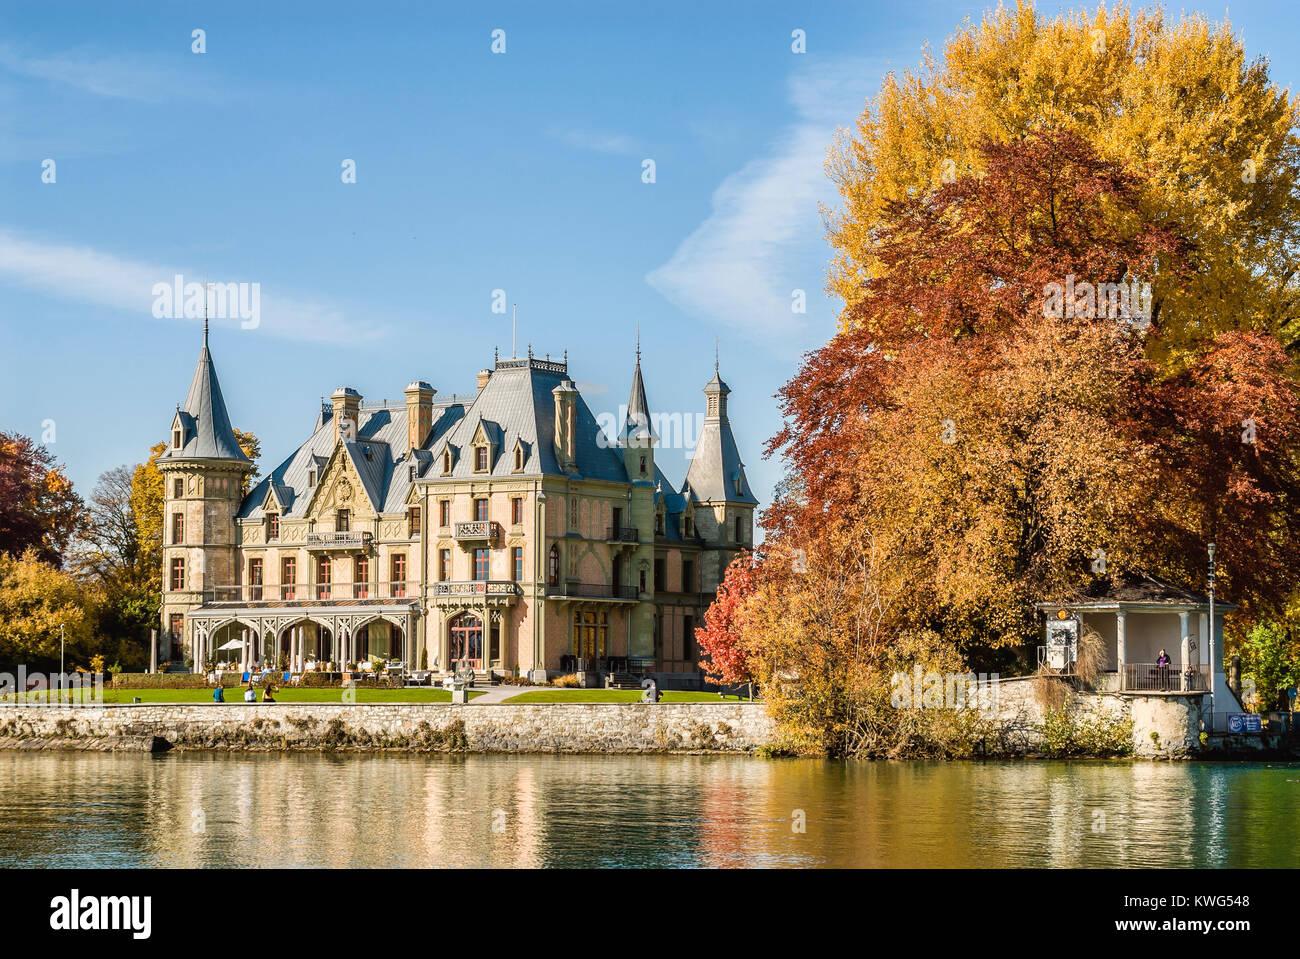 Schadau Castle at Lake Thun, Switzerland, Schweiz | Schloss Schadau am Thunersee, Kanton Wallis, Schweiz Stock Photo